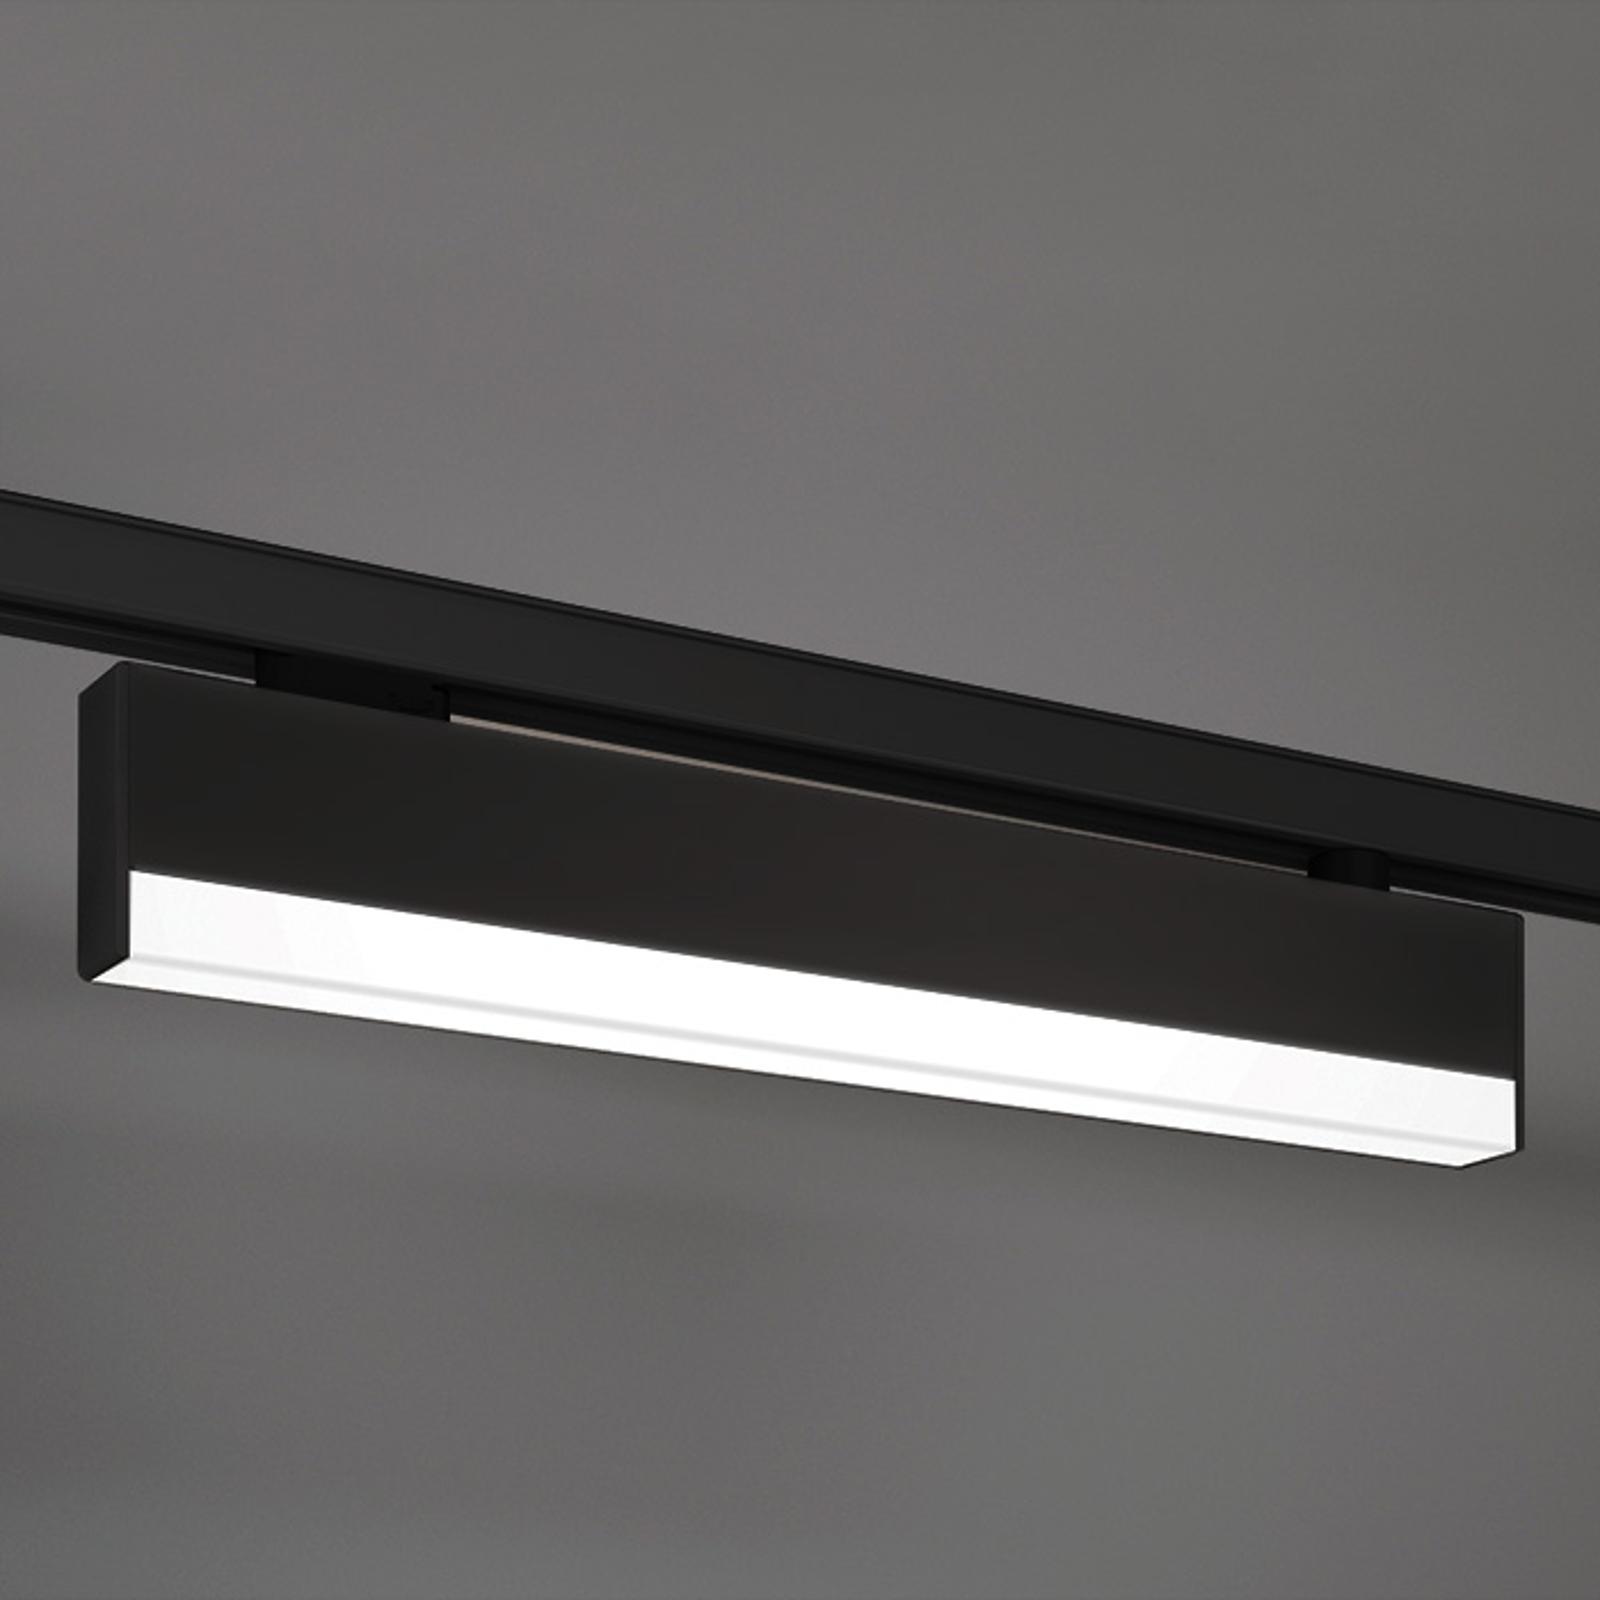 LED-Leuchte für 3-Phasen-Stromschiene, schwarz